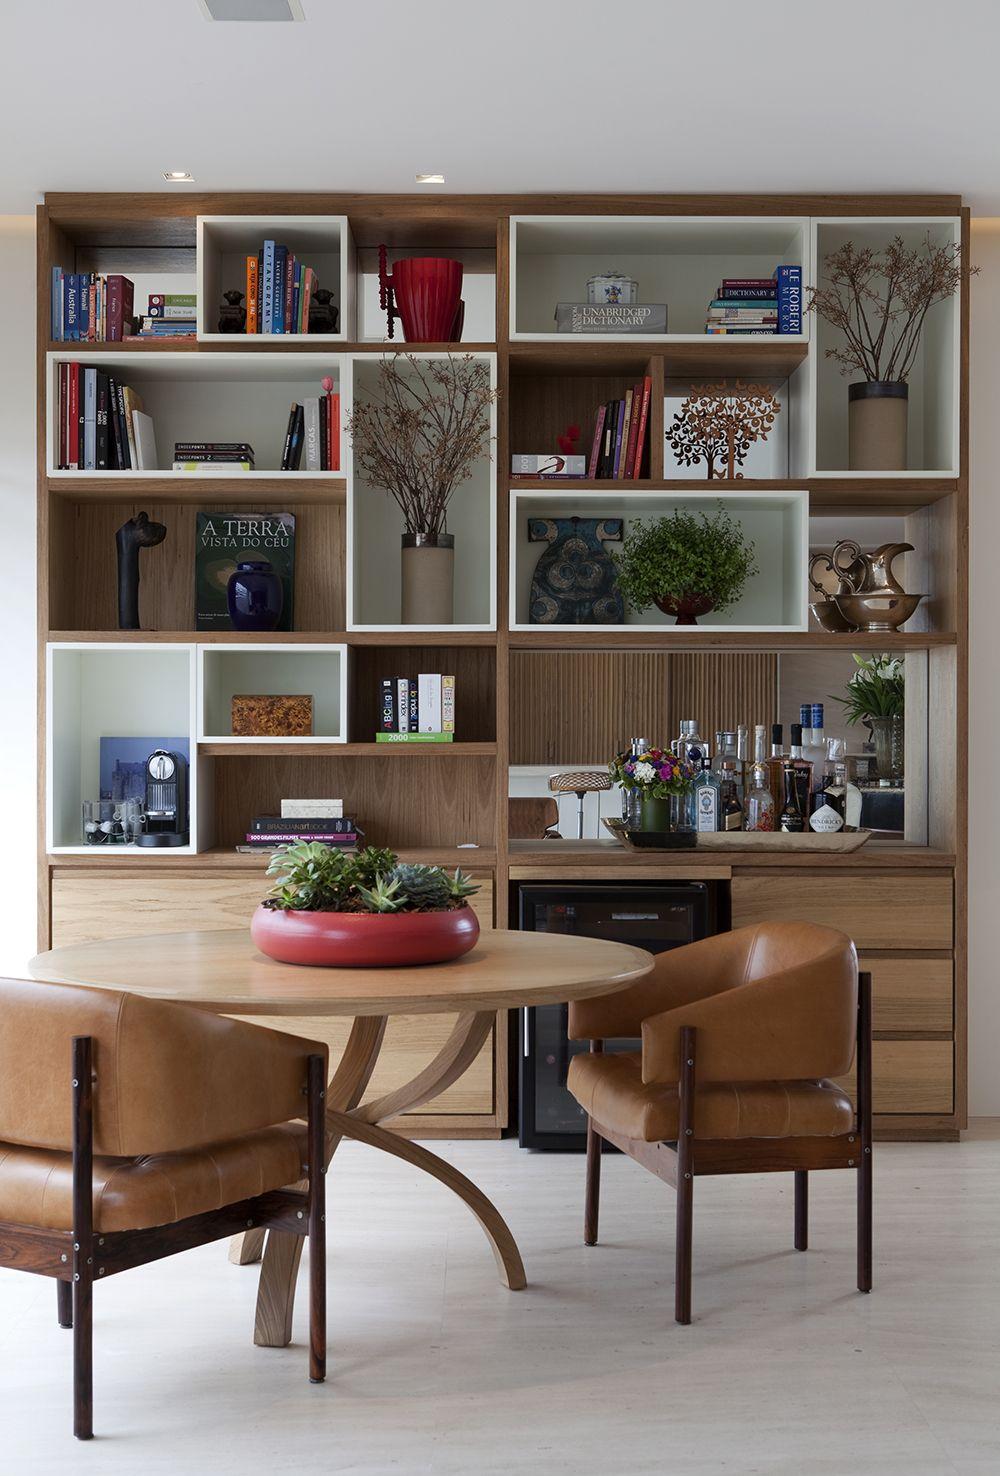 Na sala de jantar mais formal, chique, decorada por Debora Roig, a máquina fica alojada na estante junto à outros utensílios. As cadeiras são de Sergio Rodrigues.